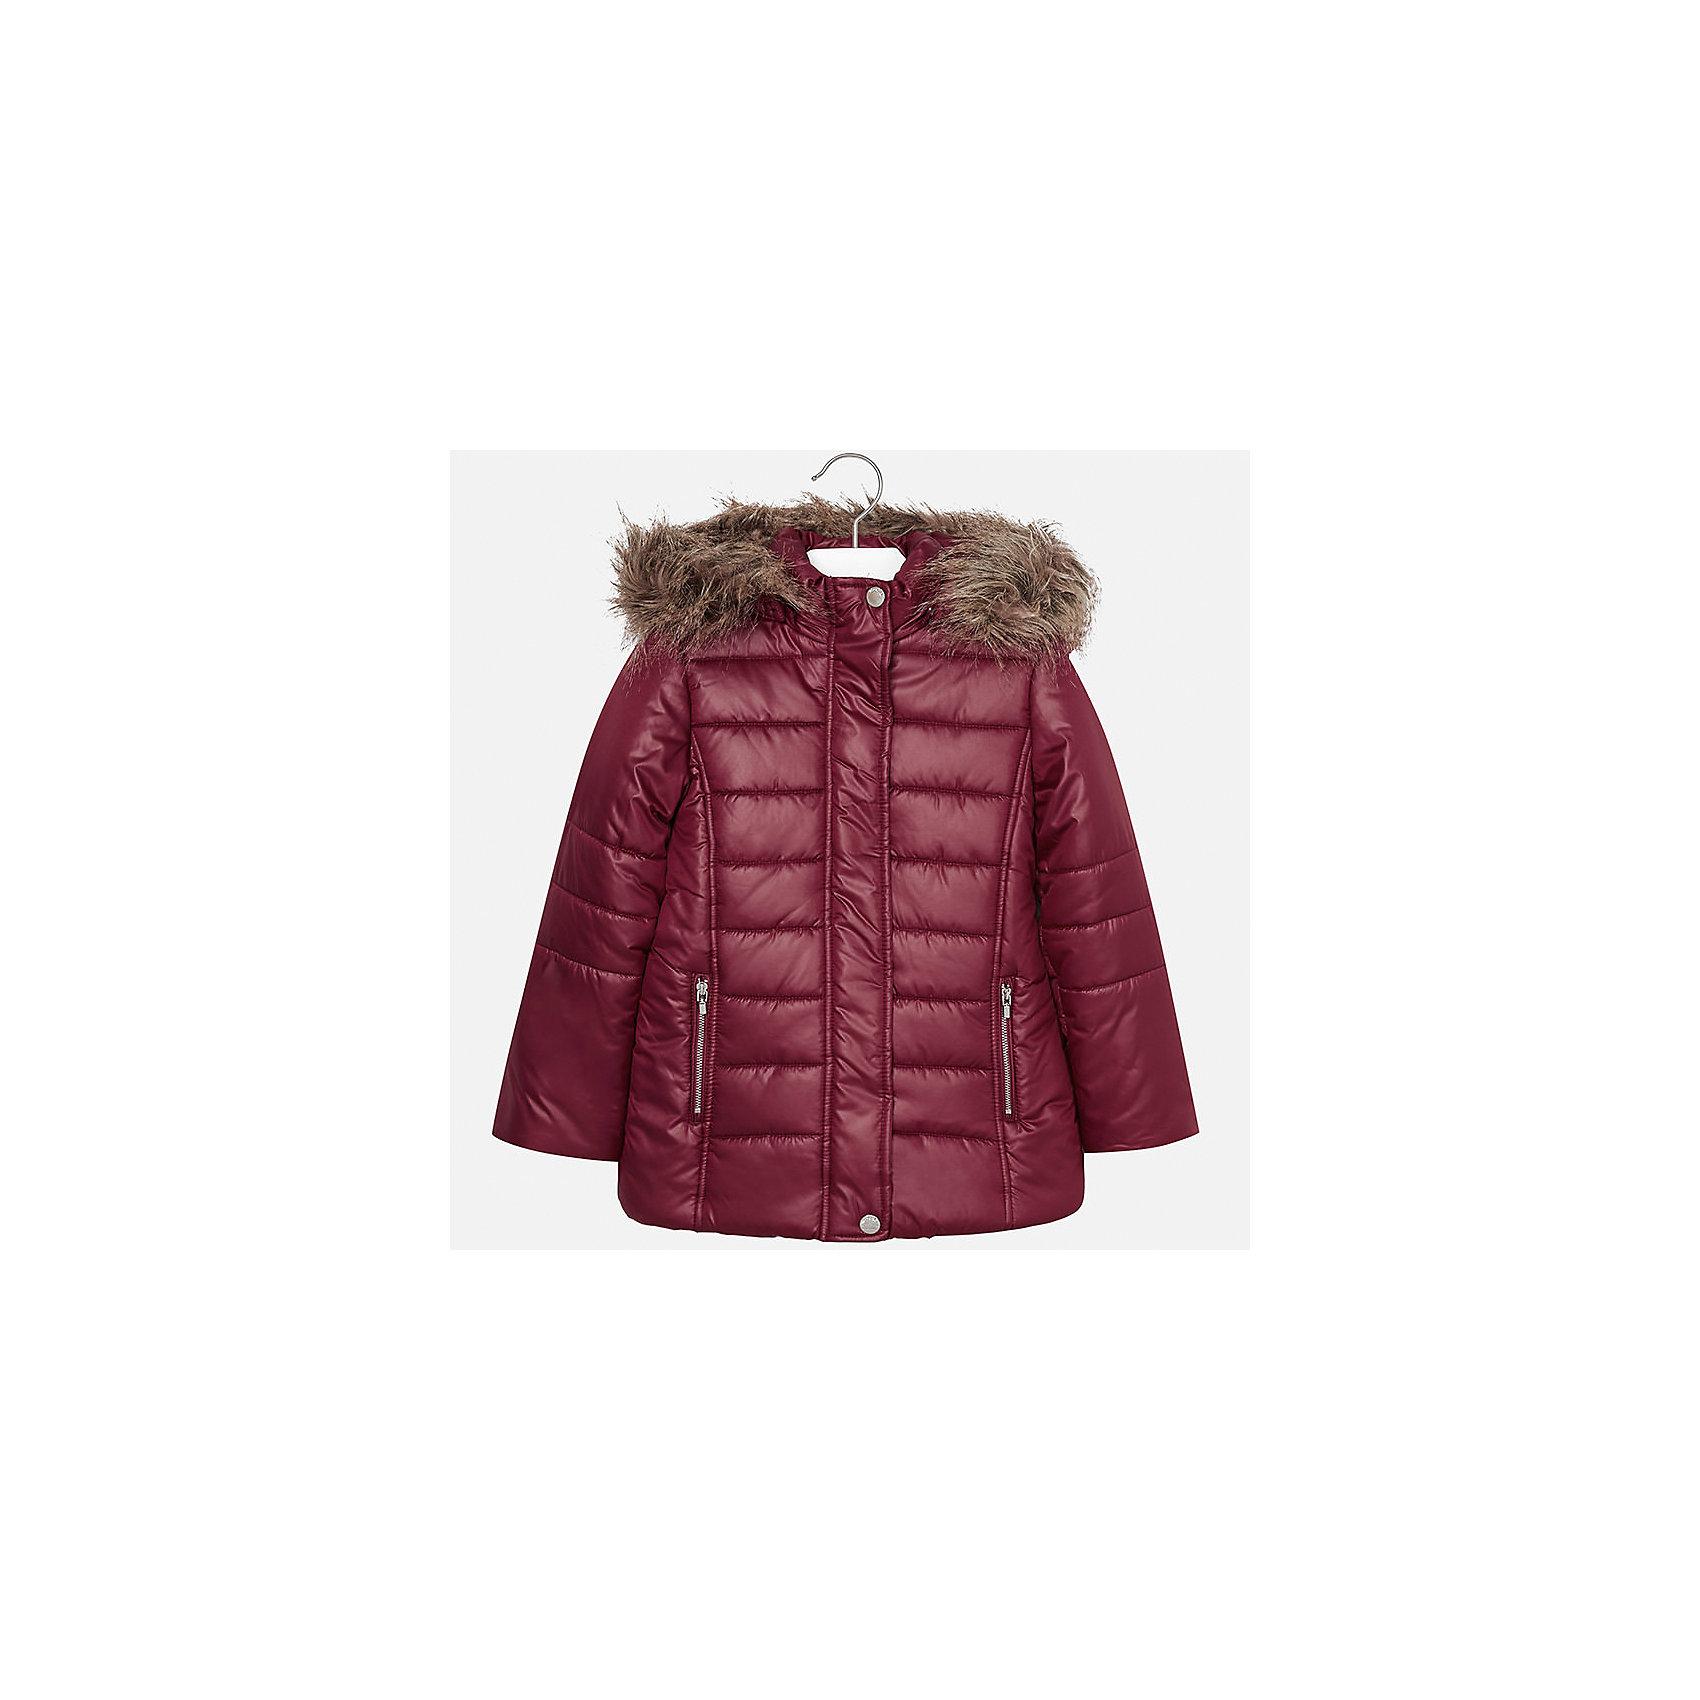 Куртка Mayoral для девочкиДемисезонные куртки<br>Характеристики товара:<br><br>• цвет: красный<br>• состав ткани: 100% полиэстер, подклад - 100% полиэстер, утеплитель - 100% полиэстер<br>• застежка: молния<br>• капюшон с опушкой<br>• сезон: зима<br>• температурный режим: от  0 до -10<br>• страна бренда: Испания<br>• страна изготовитель: Индия<br><br>Красная стеганая куртка для девочки от Майорал поможет обеспечить тепло и комфорт. Модель имеет удобные карманы и капюшон, защищающий от непогоды. <br><br>Для производства детской одежды популярный бренд Mayoral использует только качественную фурнитуру и материалы. Оригинальные и модные вещи от Майорал неизменно привлекают внимание и нравятся детям.<br><br>Куртку для девочки Mayoral (Майорал) можно купить в нашем интернет-магазине.<br><br>Ширина мм: 356<br>Глубина мм: 10<br>Высота мм: 245<br>Вес г: 519<br>Цвет: красный<br>Возраст от месяцев: 168<br>Возраст до месяцев: 180<br>Пол: Женский<br>Возраст: Детский<br>Размер: 170,128/134,140,152,158,164<br>SKU: 6922087